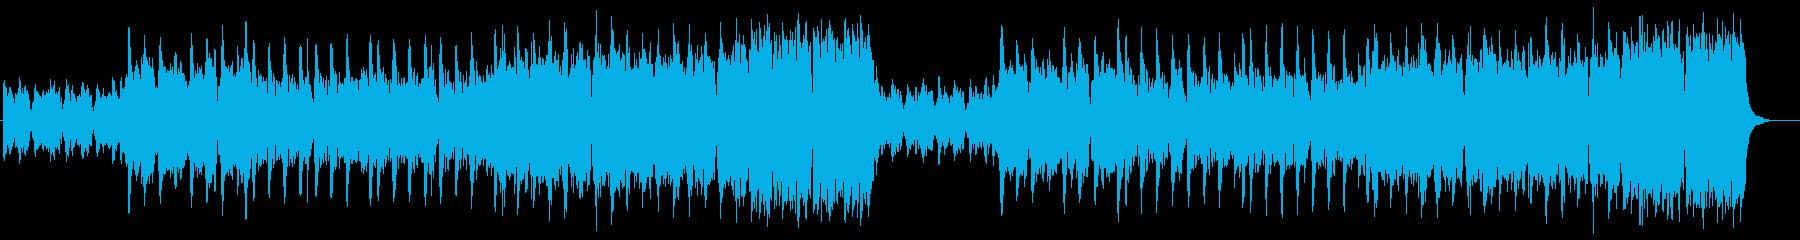 ケルト風町BGMの再生済みの波形